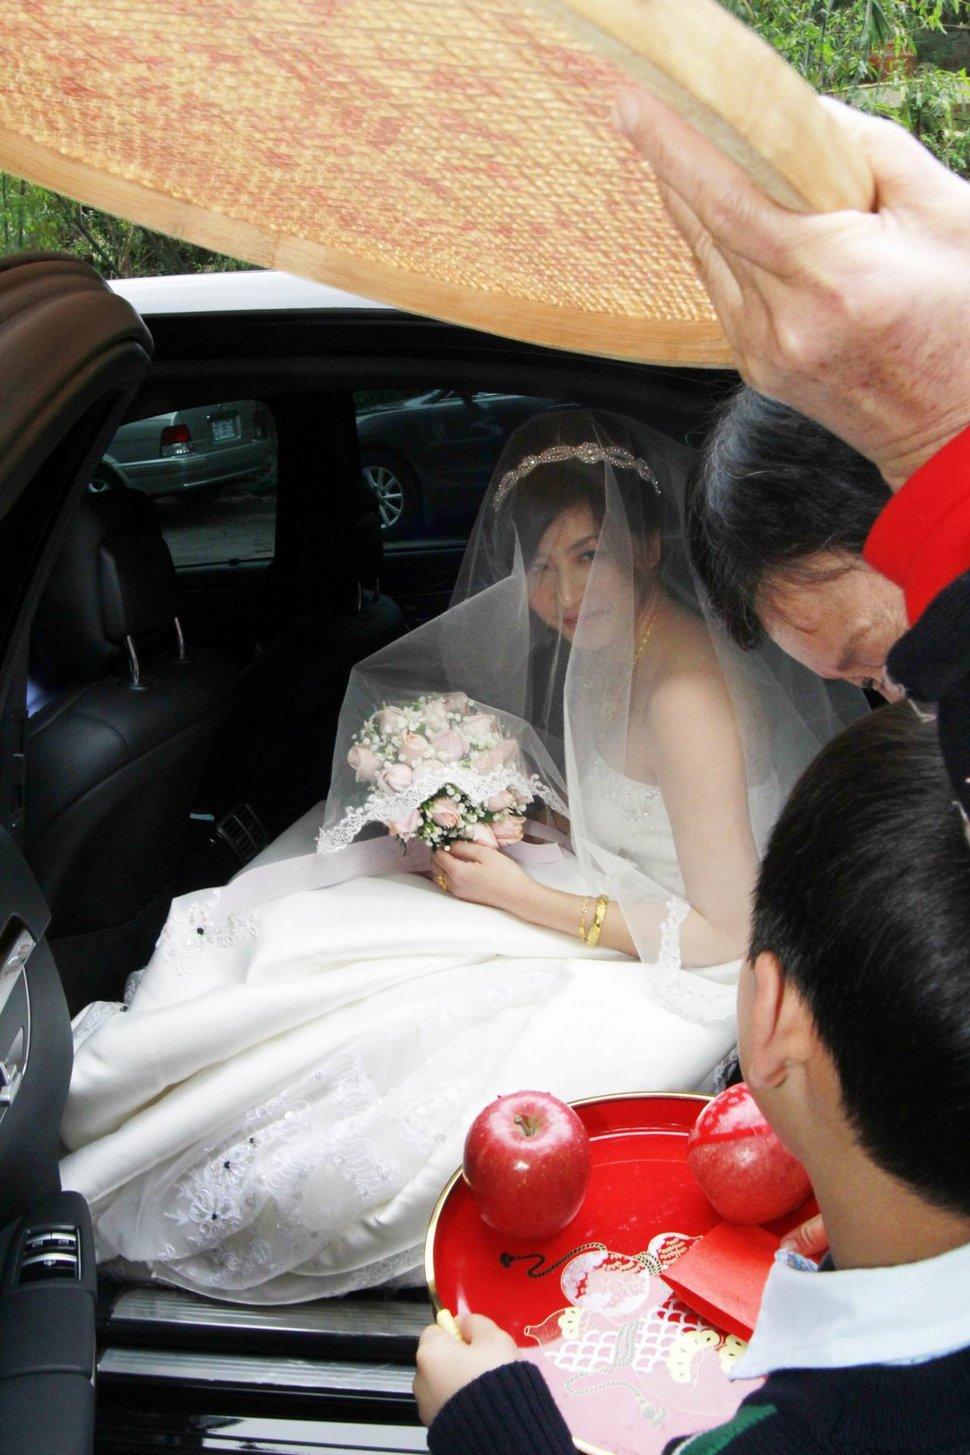 青青食尚花園會館婚禮記錄結婚迎娶婚禮記錄動態微電影錄影專業錄影平面攝影婚紗攝攝影婚禮主持人(編號:196716) - 蜜月拍照10800錄影12800攝影團隊 - 結婚吧